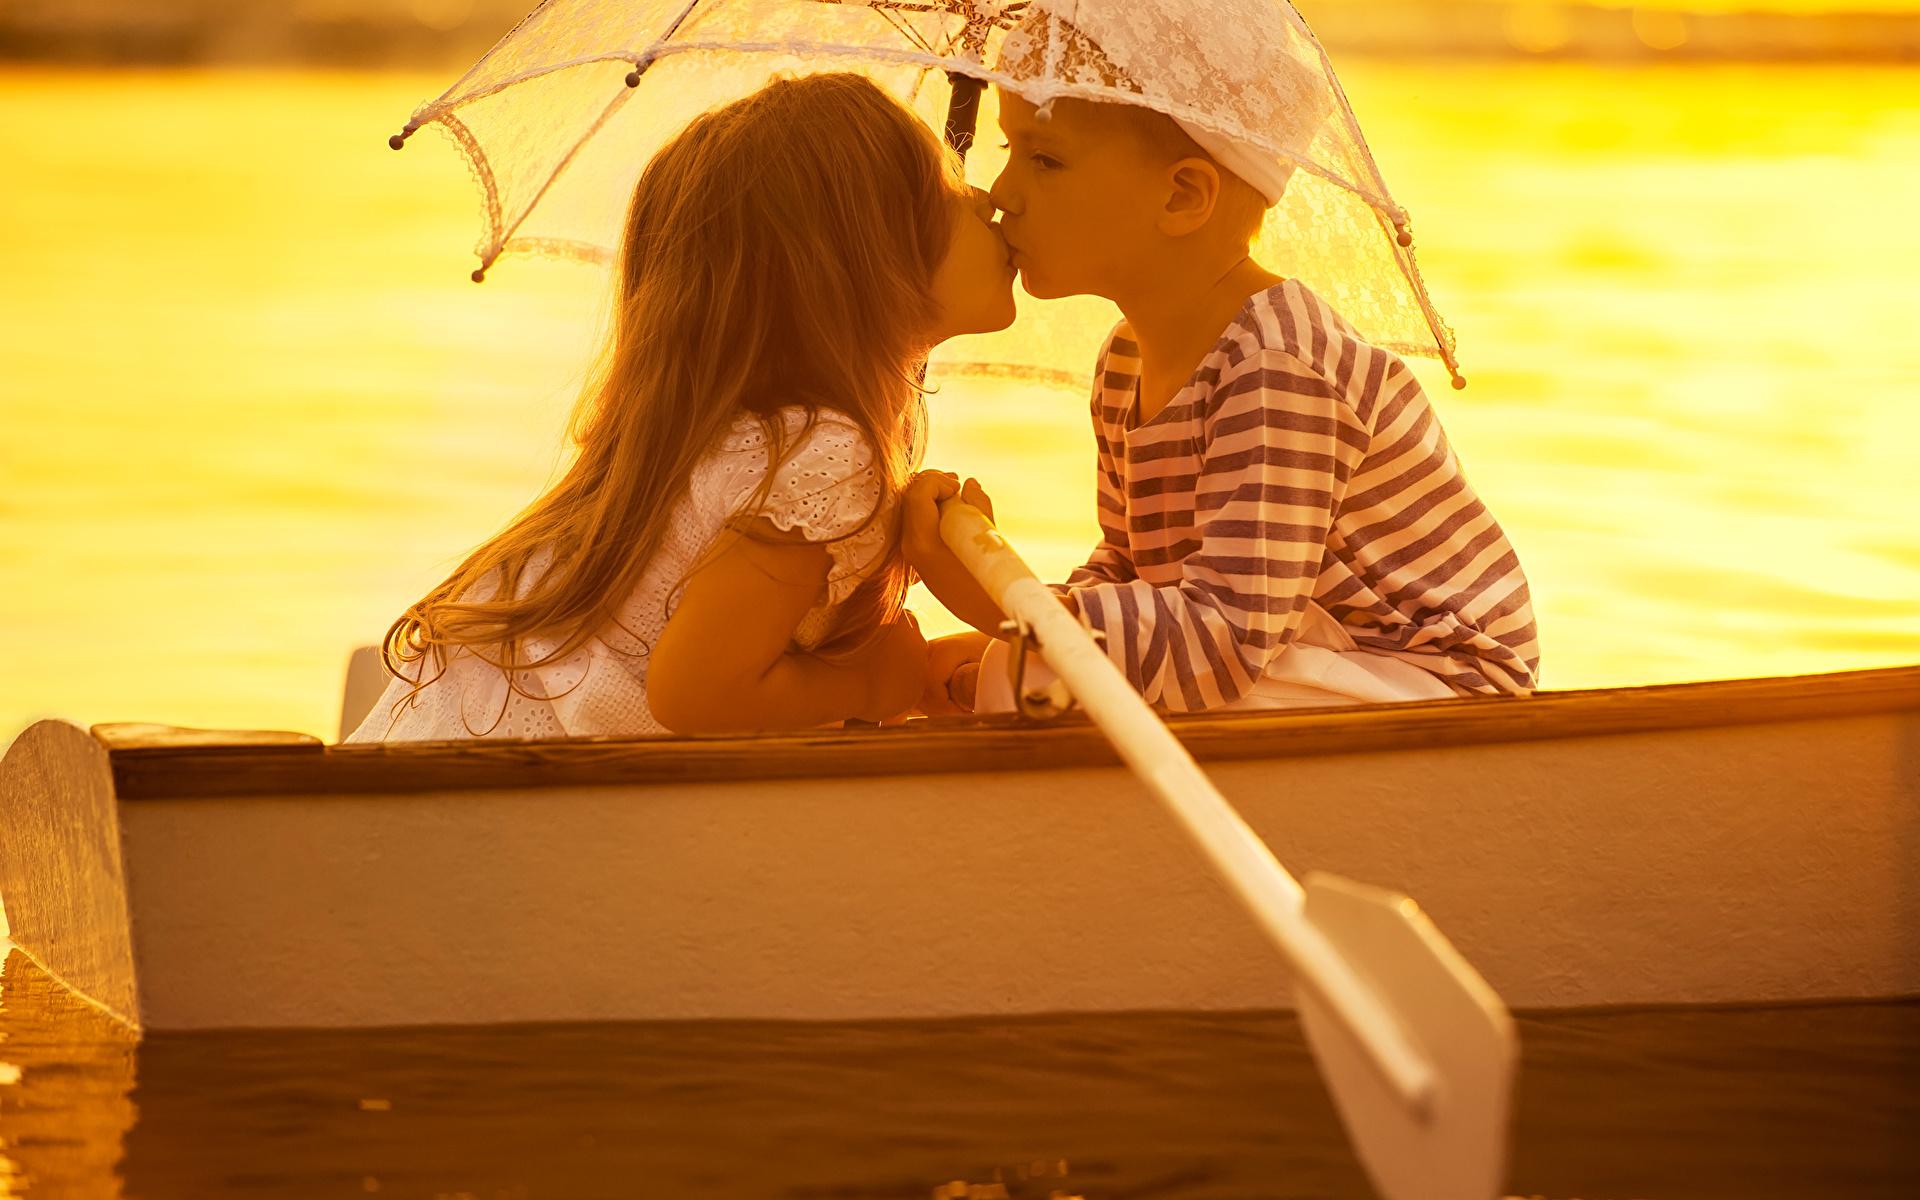 Картинки девочка мальчишки Свидание любовники Дети два Зонт Лодки 1920x1200 Девочки мальчик Мальчики мальчишка свидании Влюбленные пары ребёнок 2 две Двое вдвоем зонтом зонтик